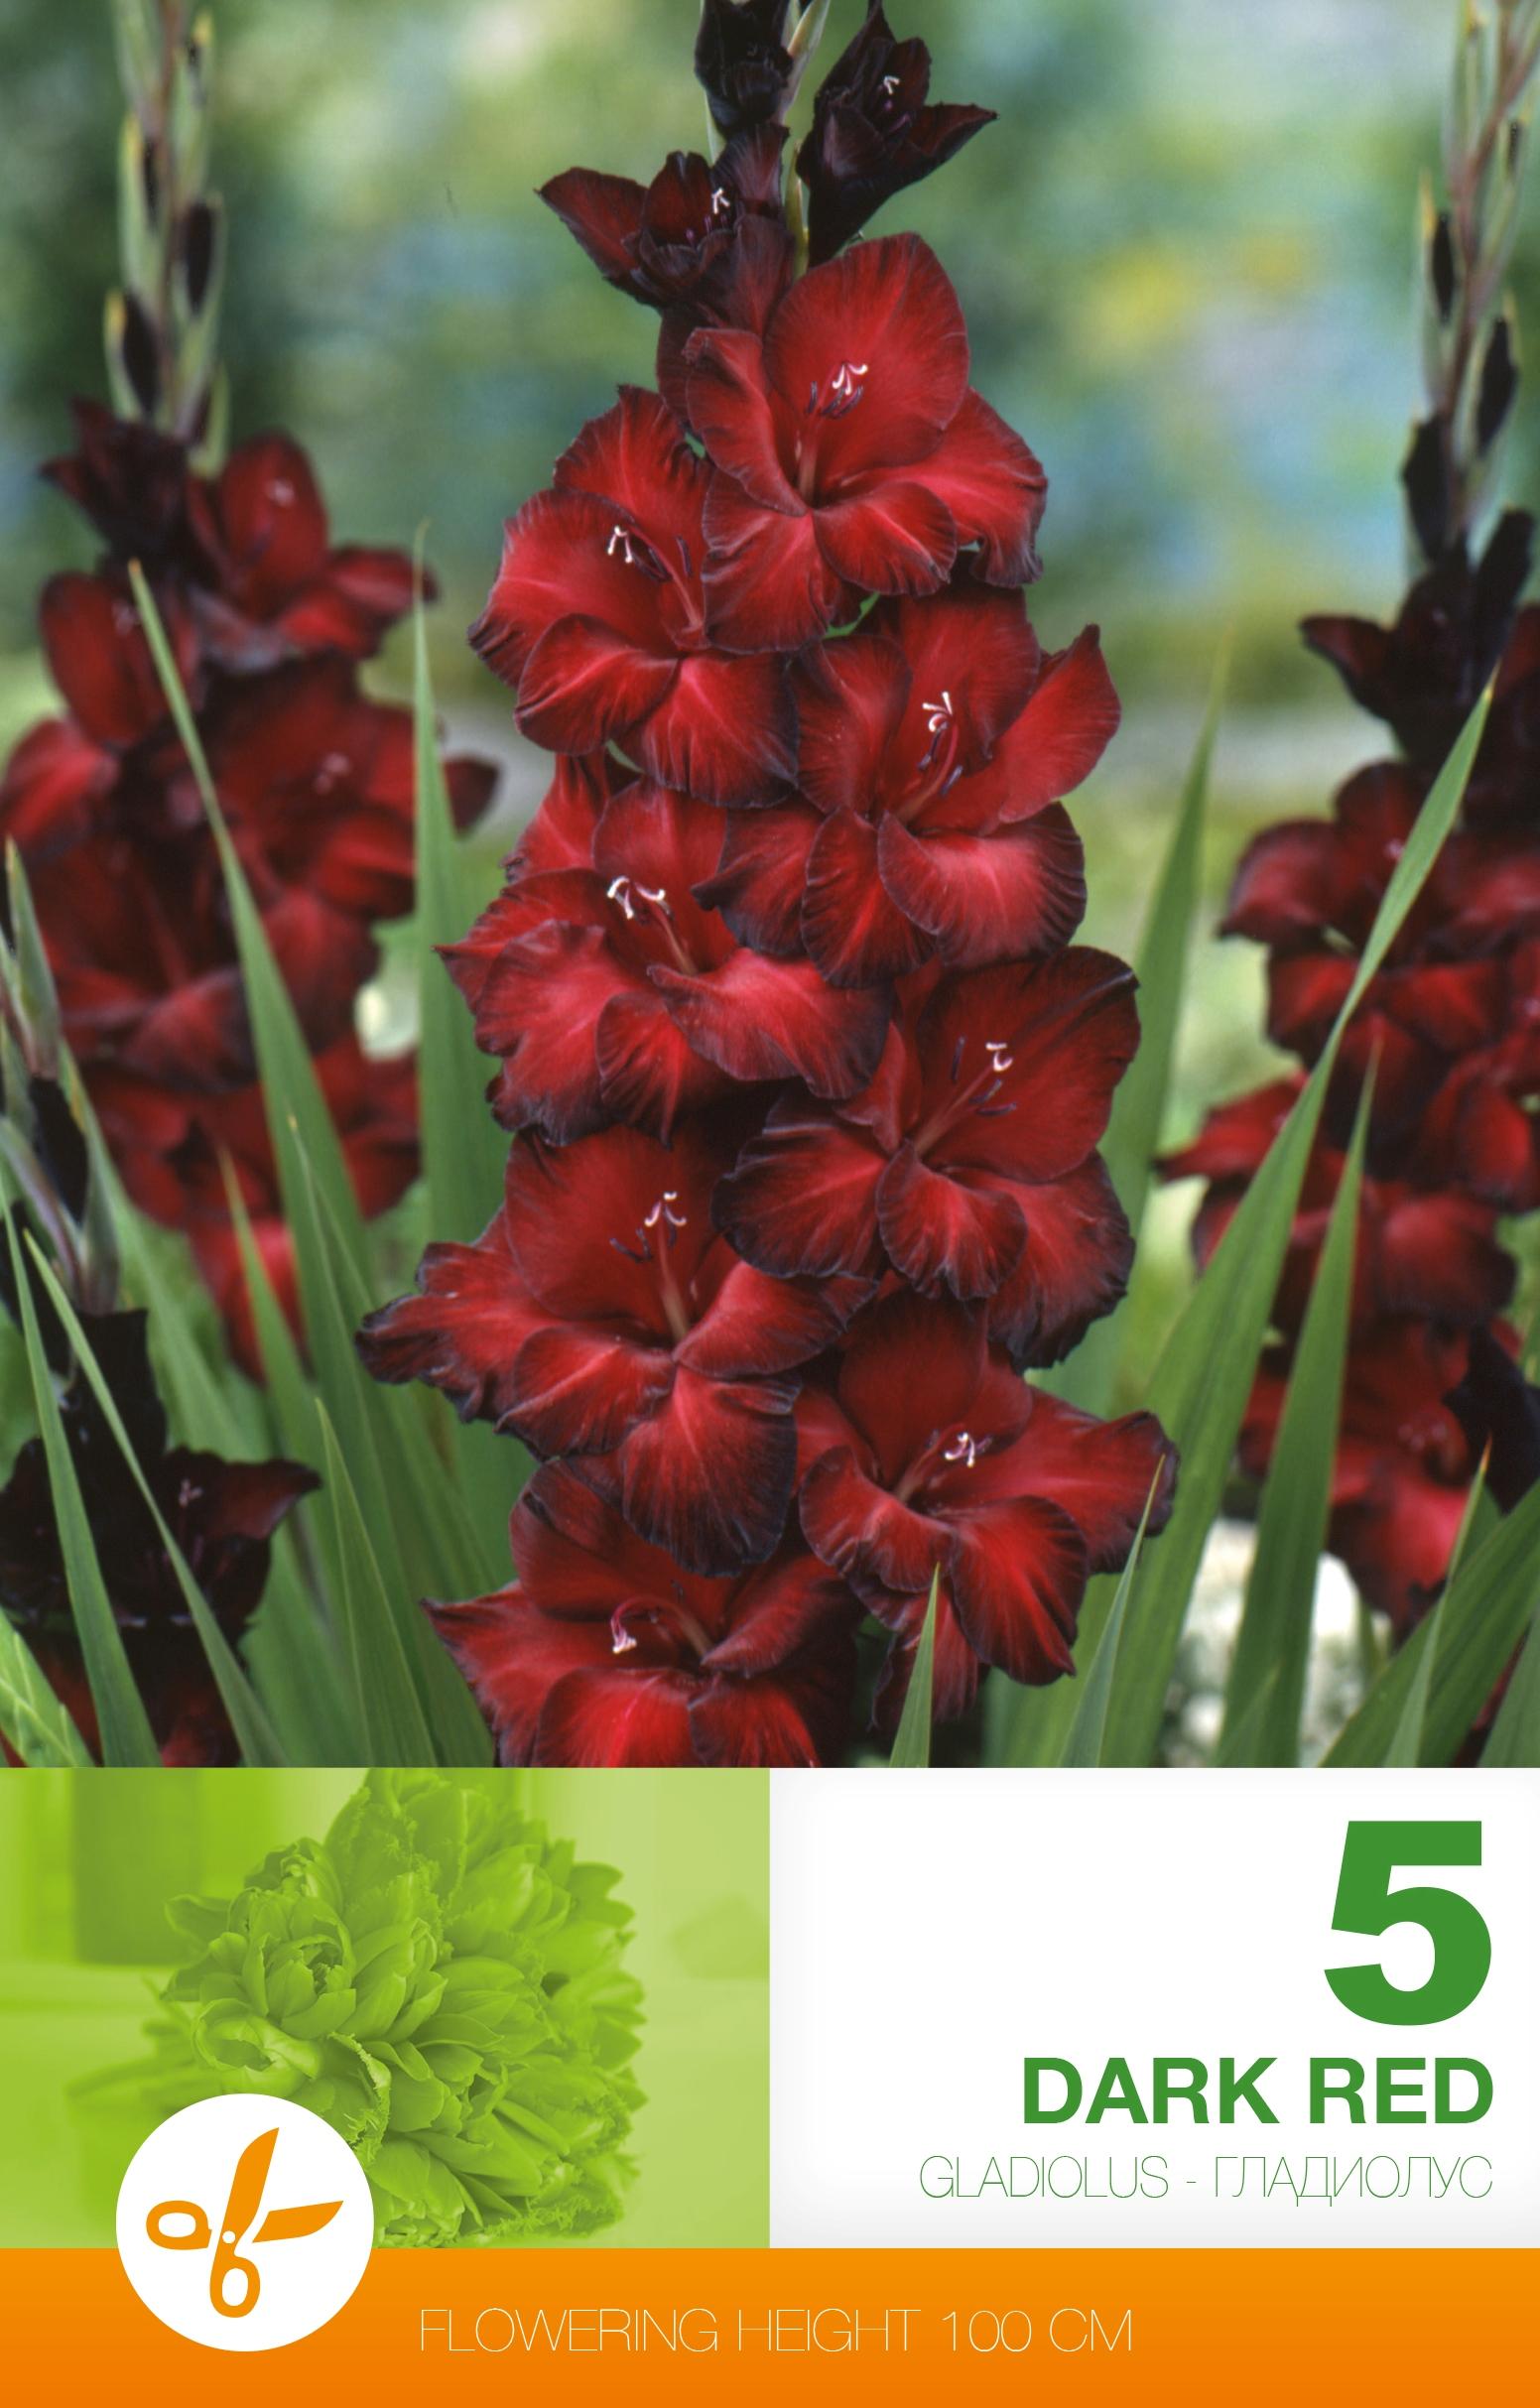 Gladiole - Dark Red